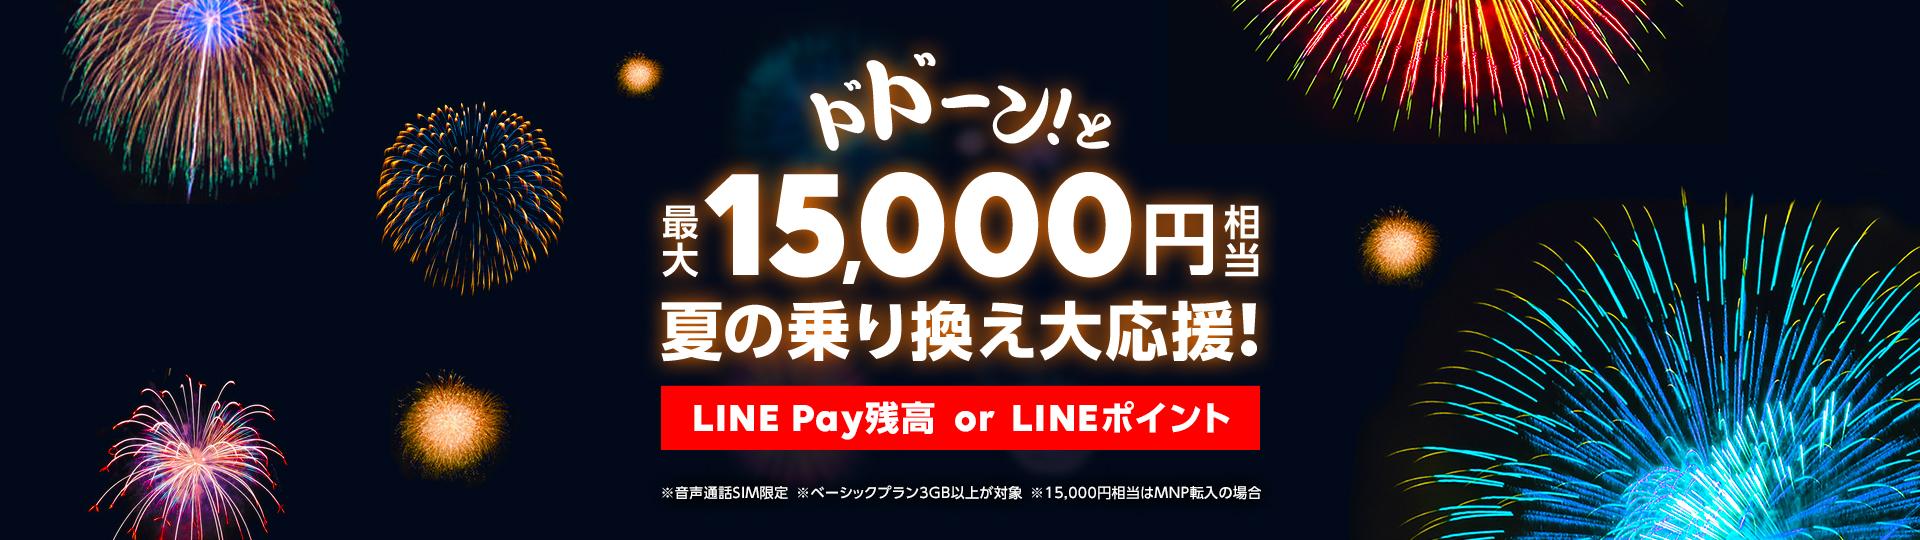 ドドーンと!最大15,000円相当もらえる夏の乗り換え大応援!